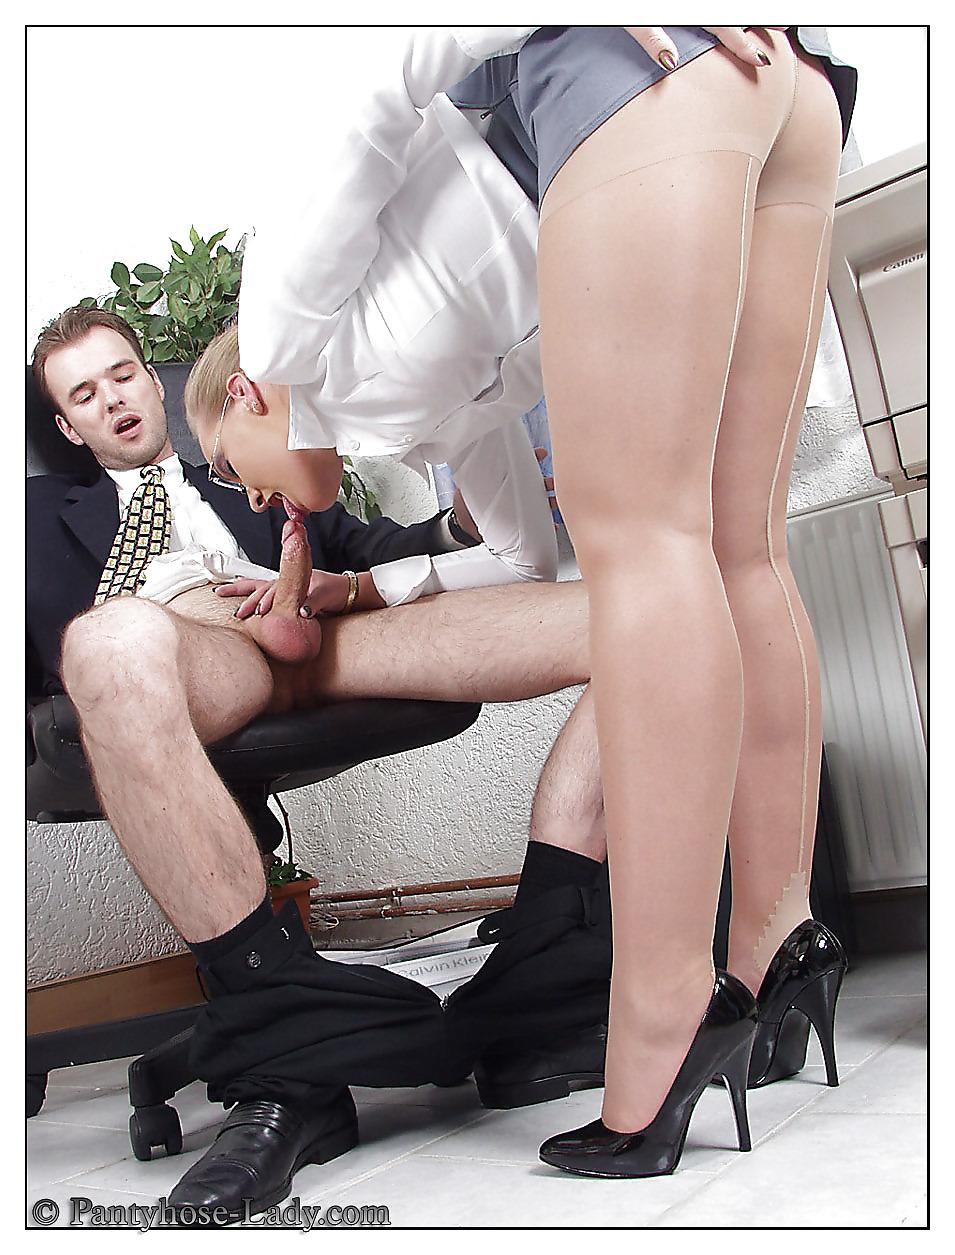 Porn secretary sex in panty brazil nude toples